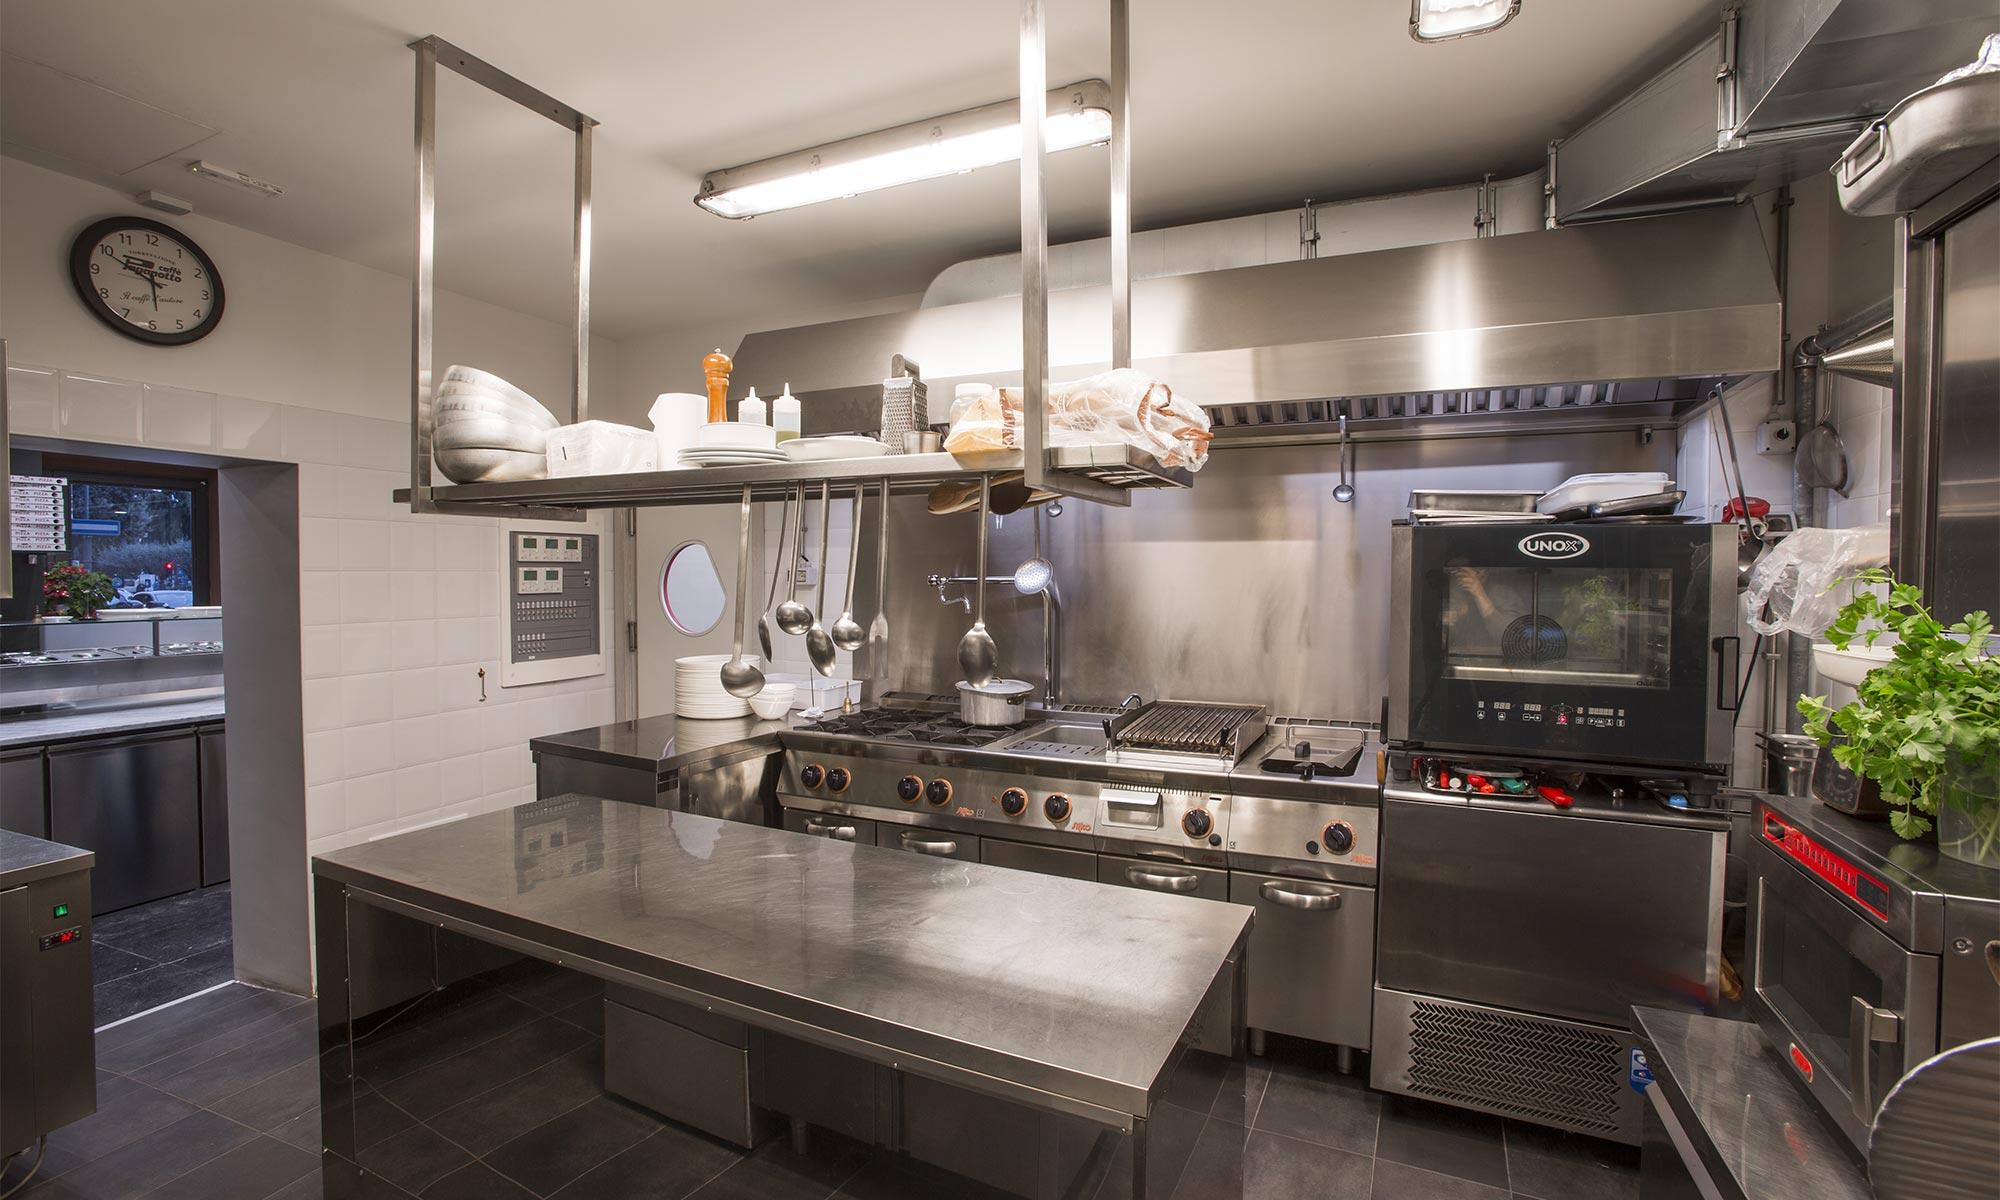 Pizzeria torre 5 sat arredamenti for Sat arredamenti